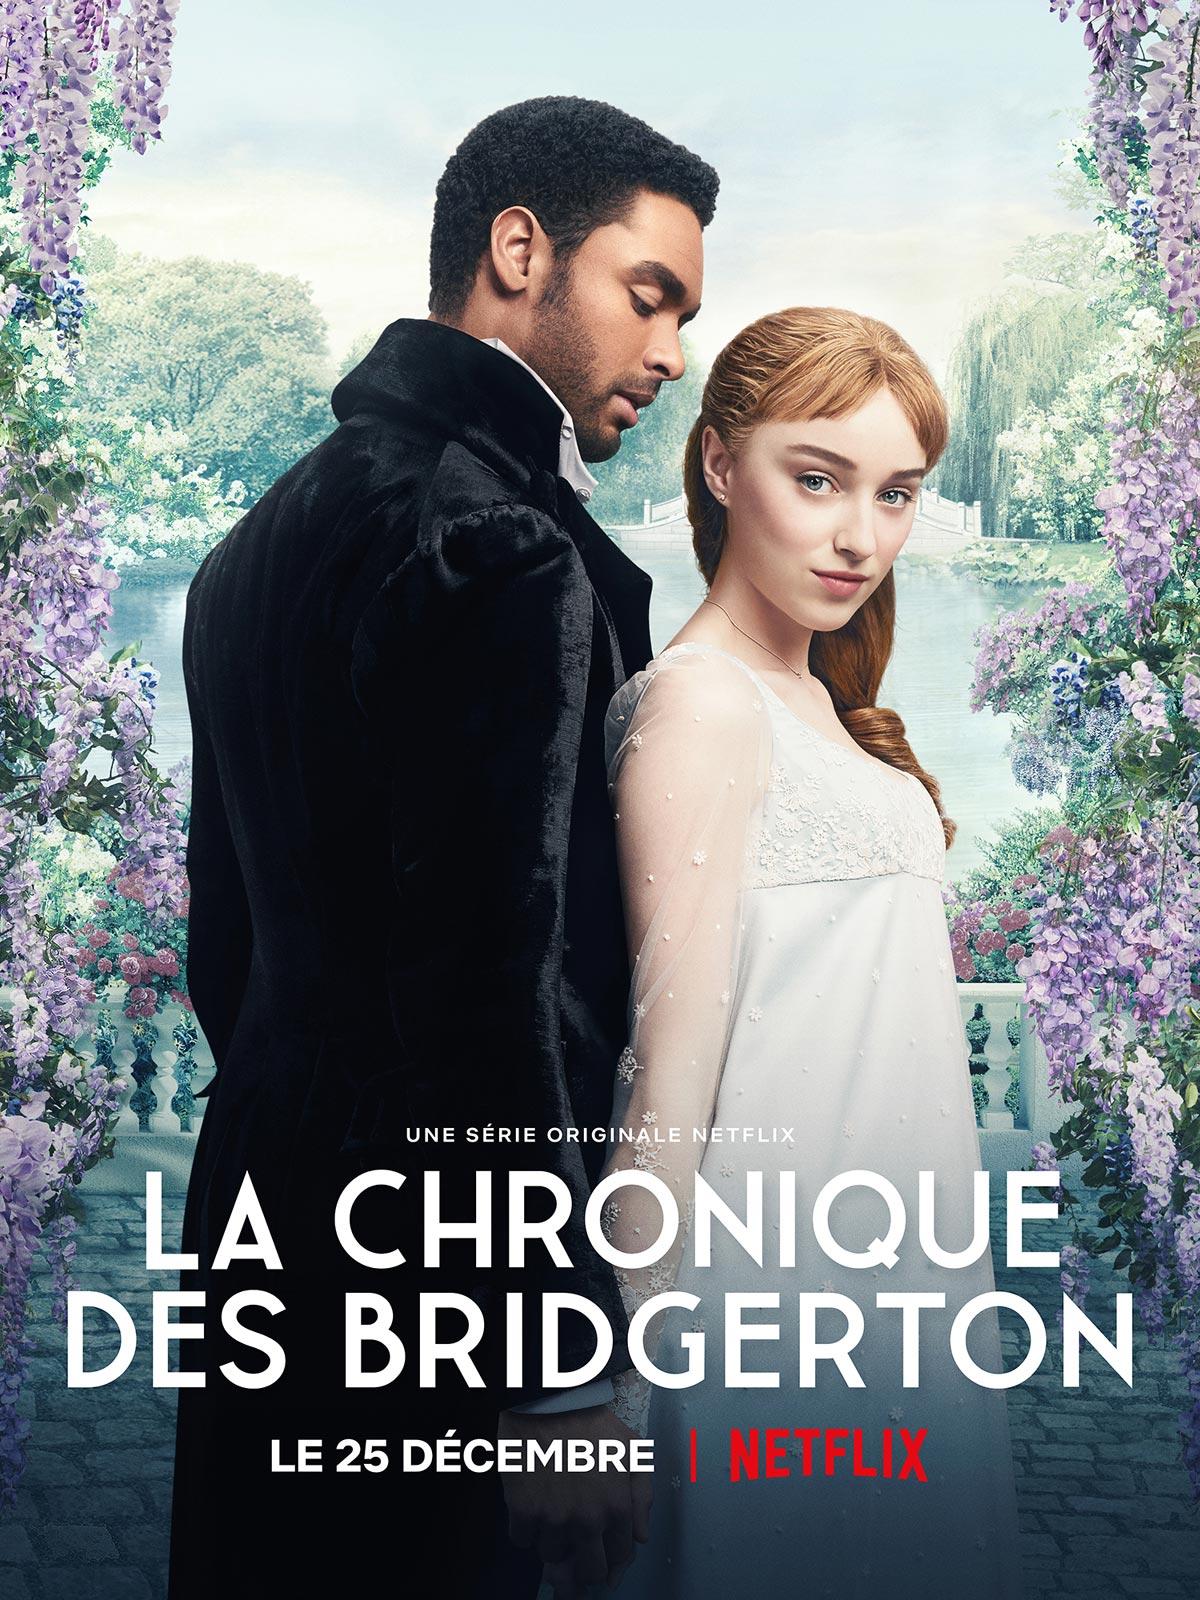 La Chronique des Bridgerton - Série TV 2020 - AlloCiné